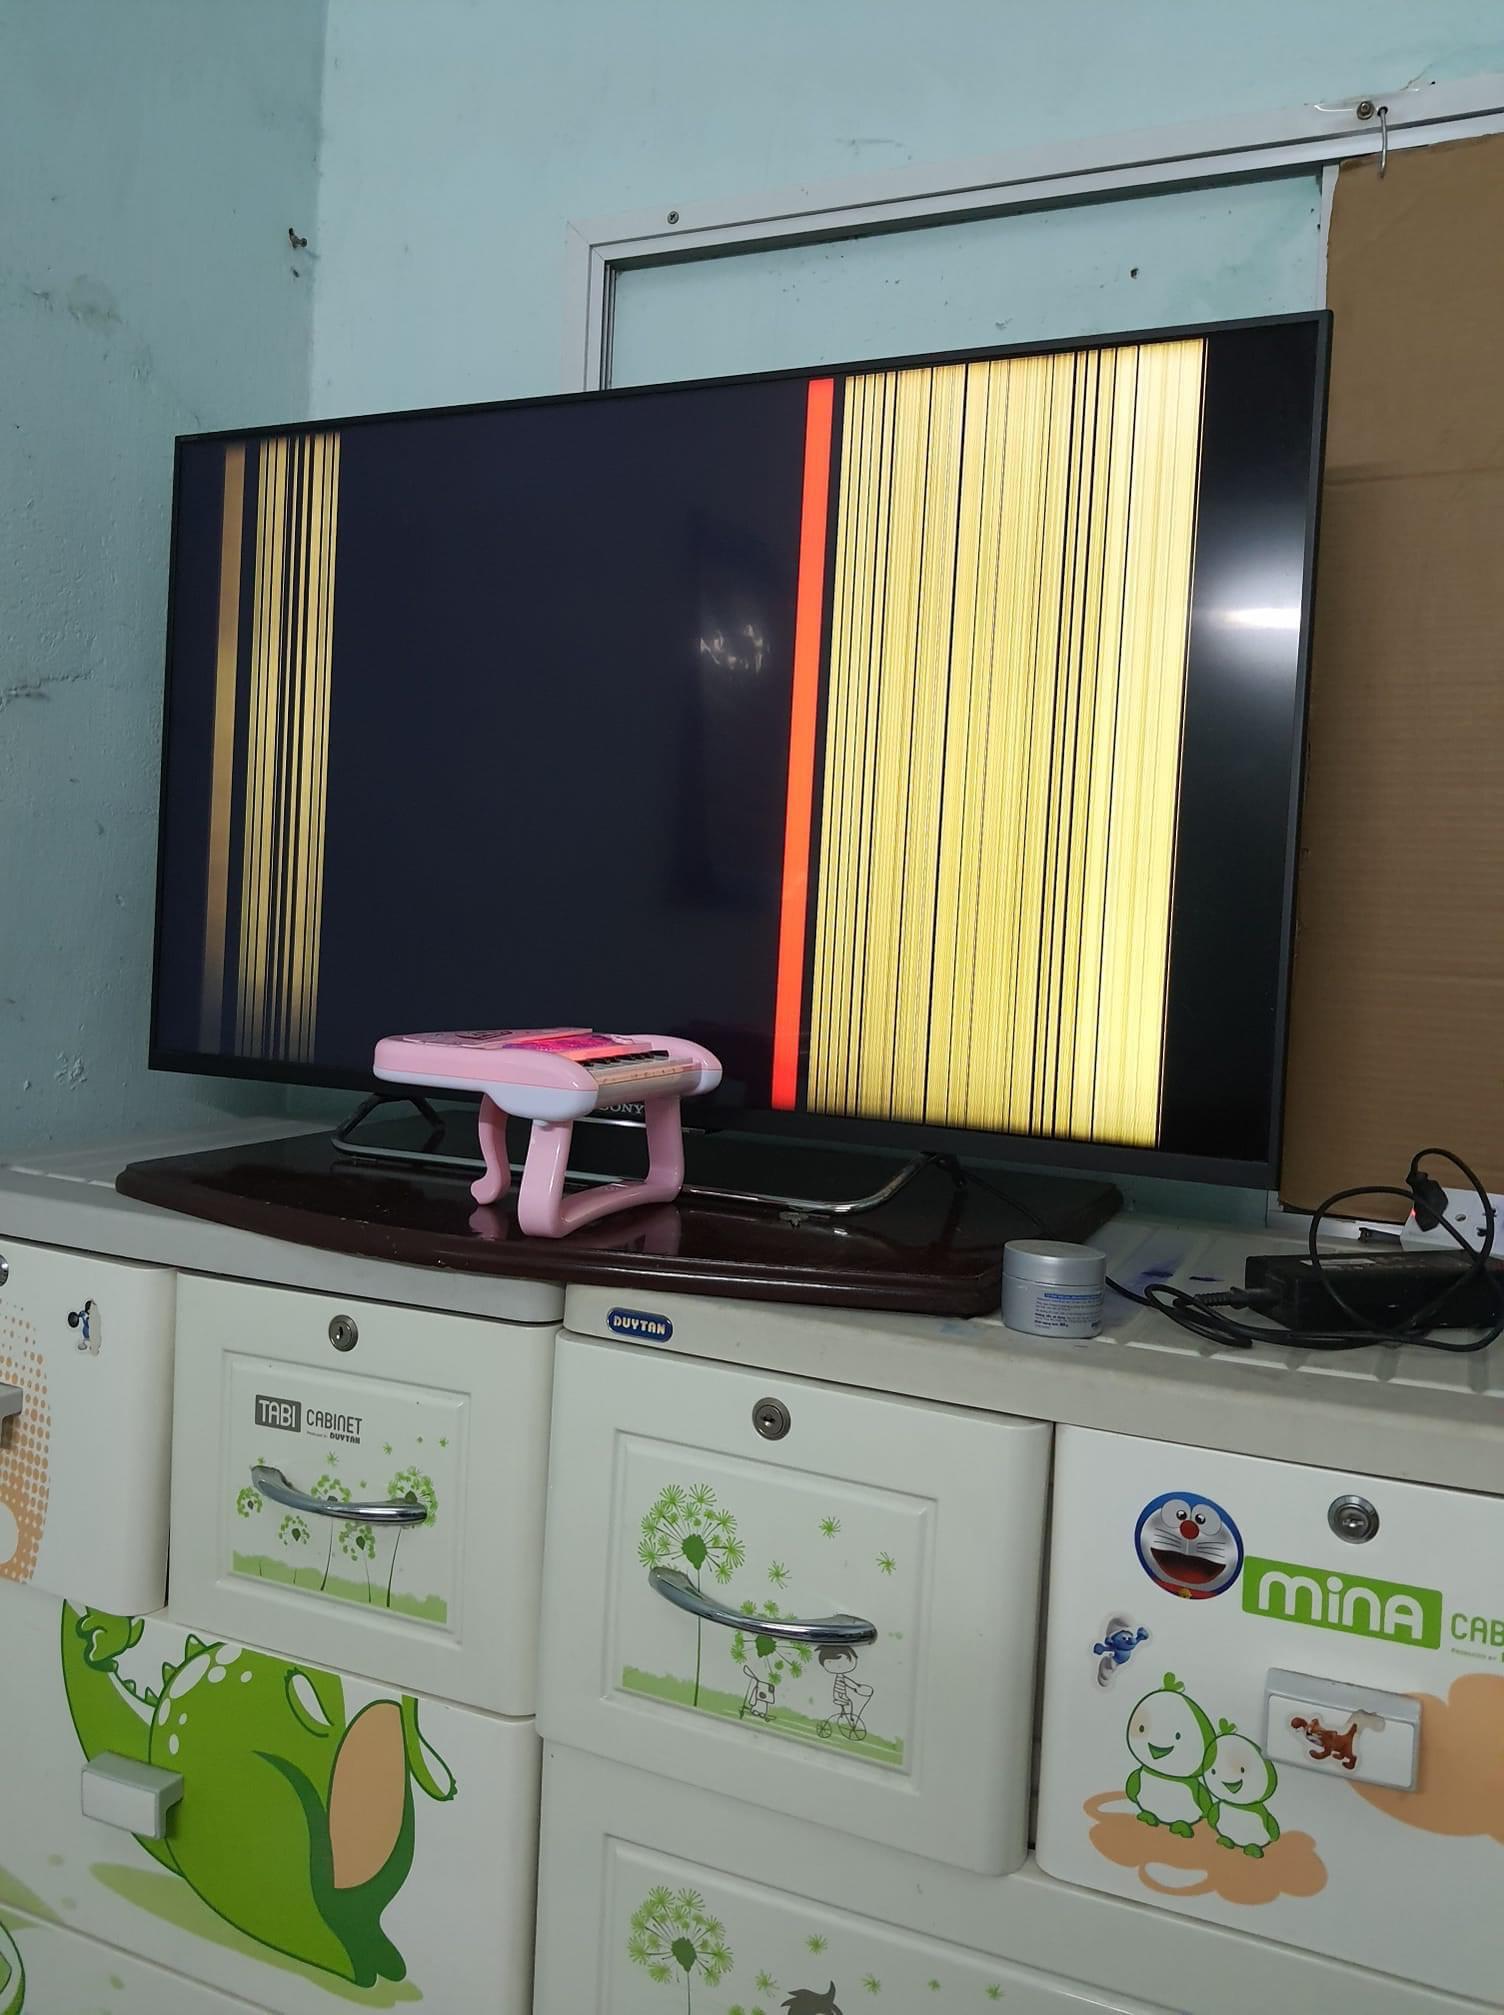 Dịch Vụ Thu Mua Tivi Sony Hư Bể Tại Nhà Quận 12 Giá Cao